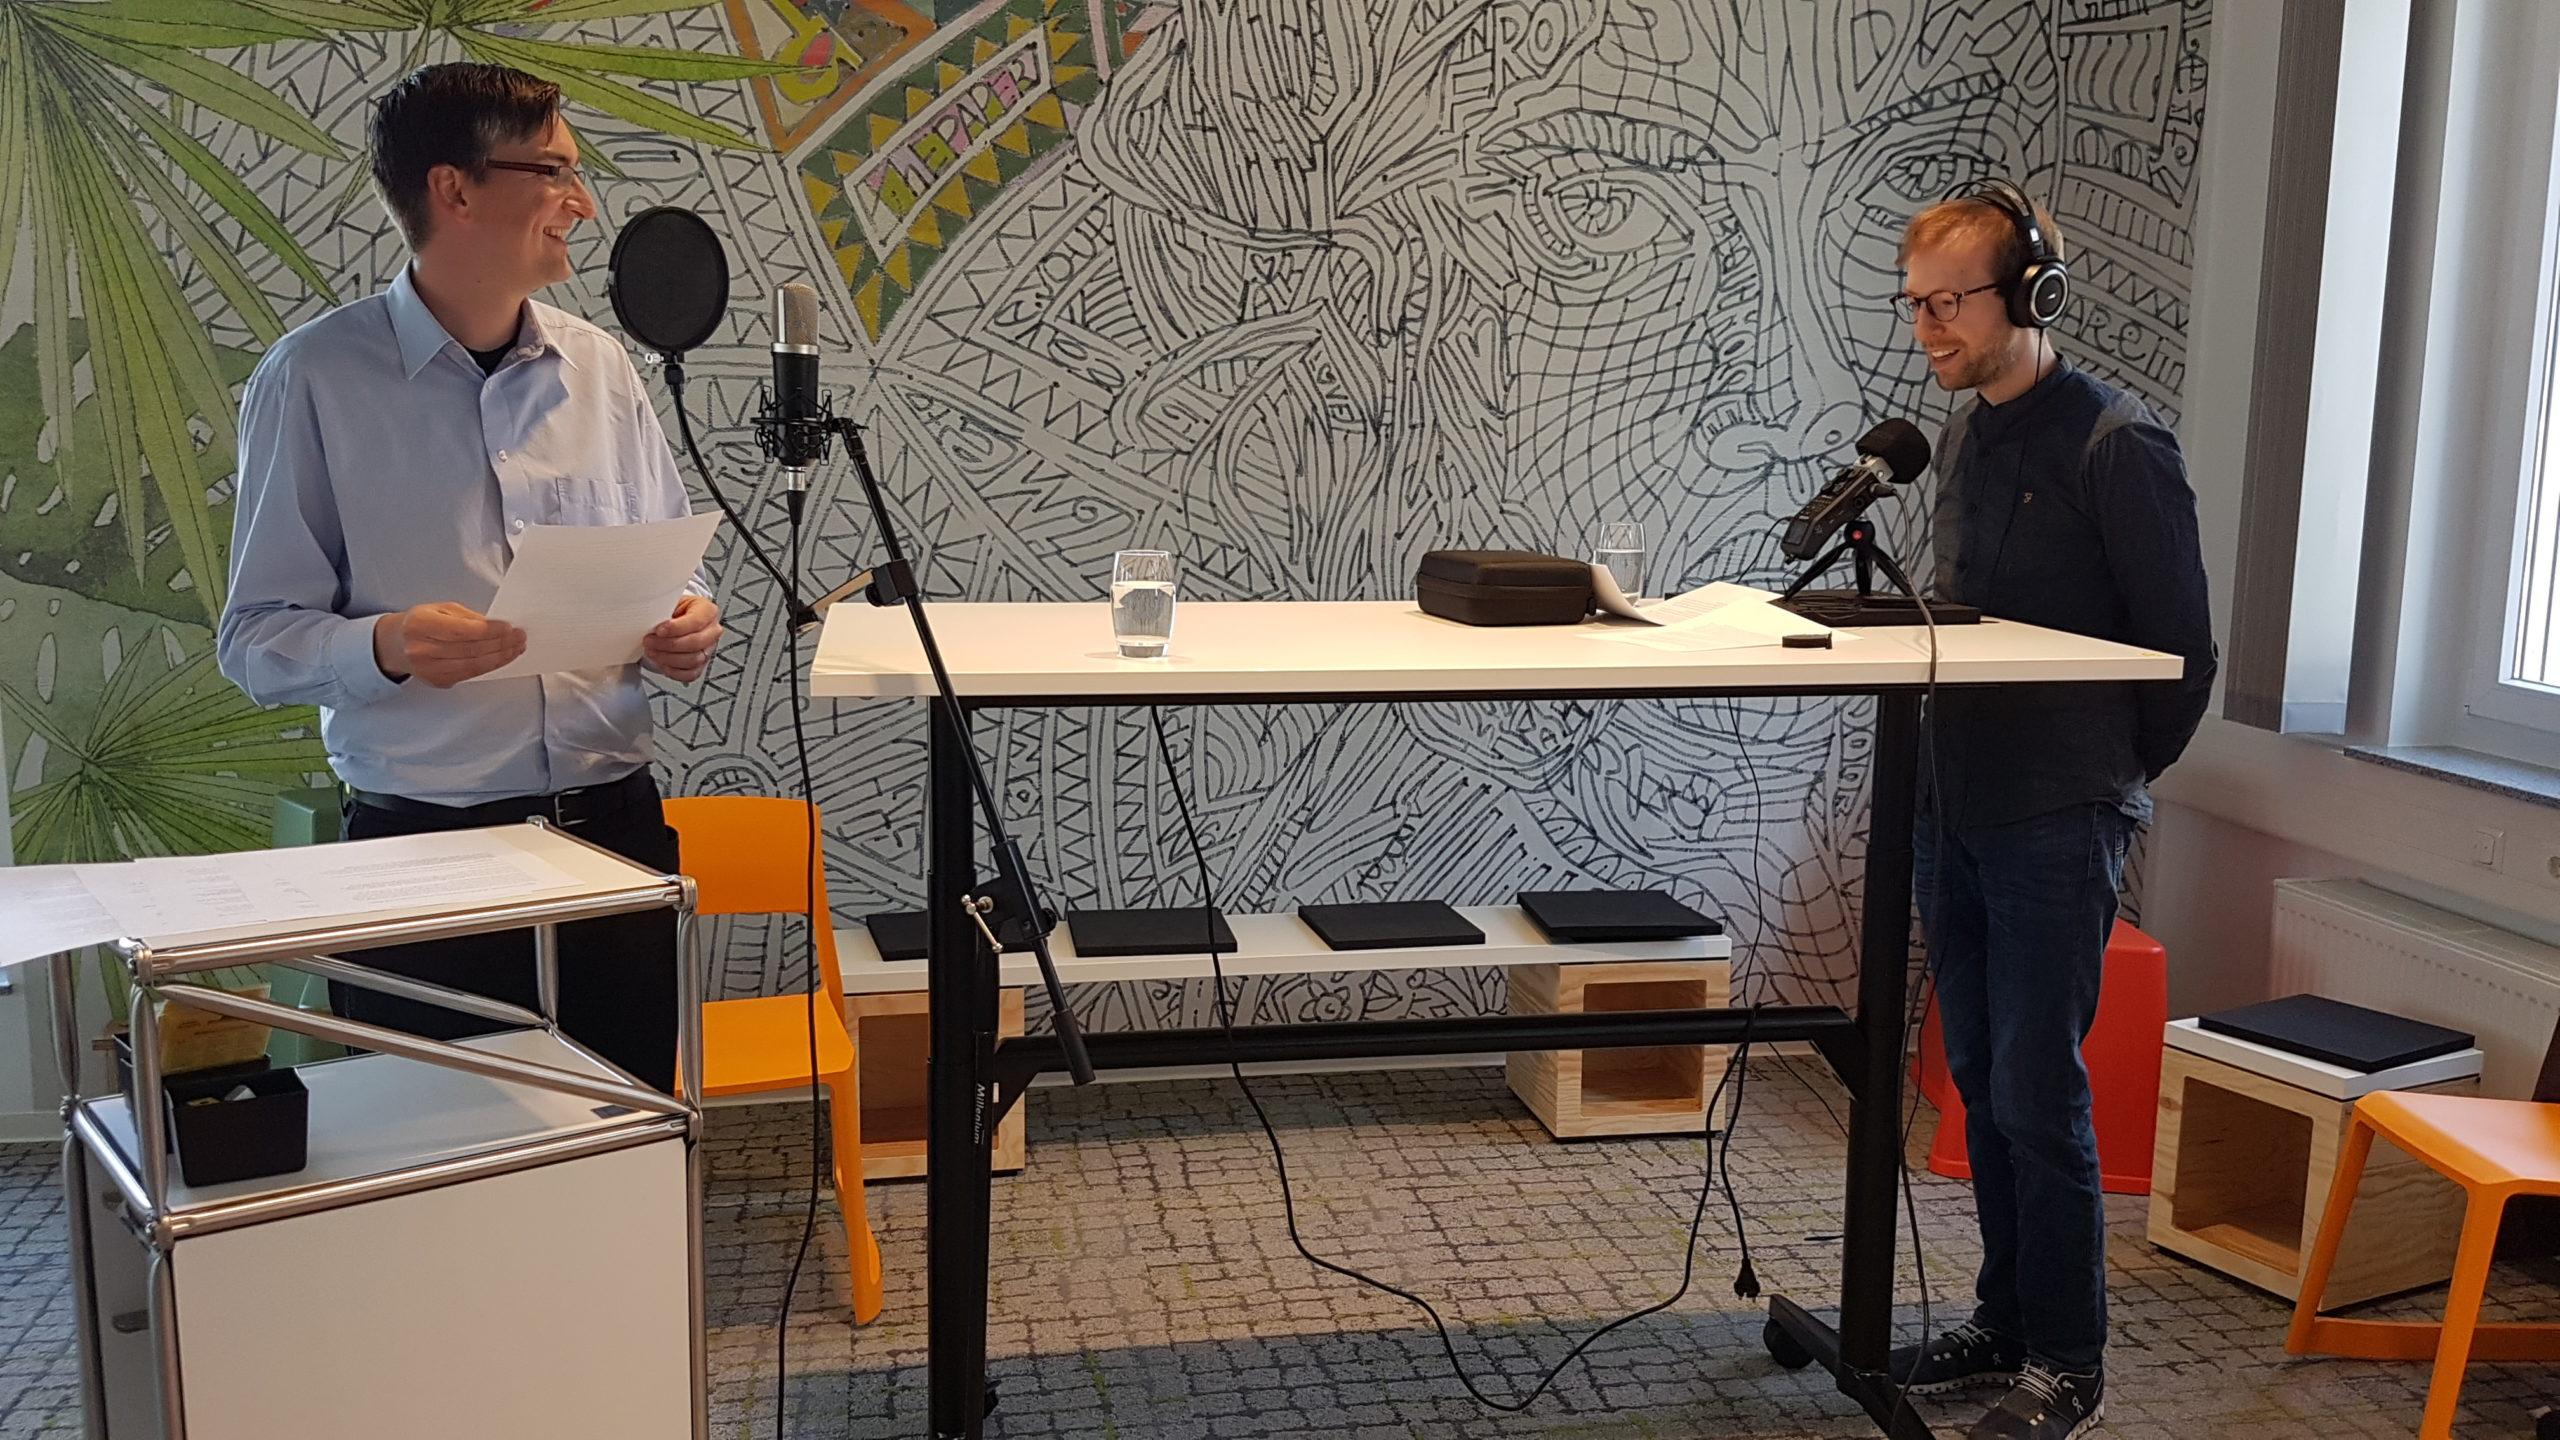 Christian Wagener und Tobias Droßmann während der Aufzeichnung